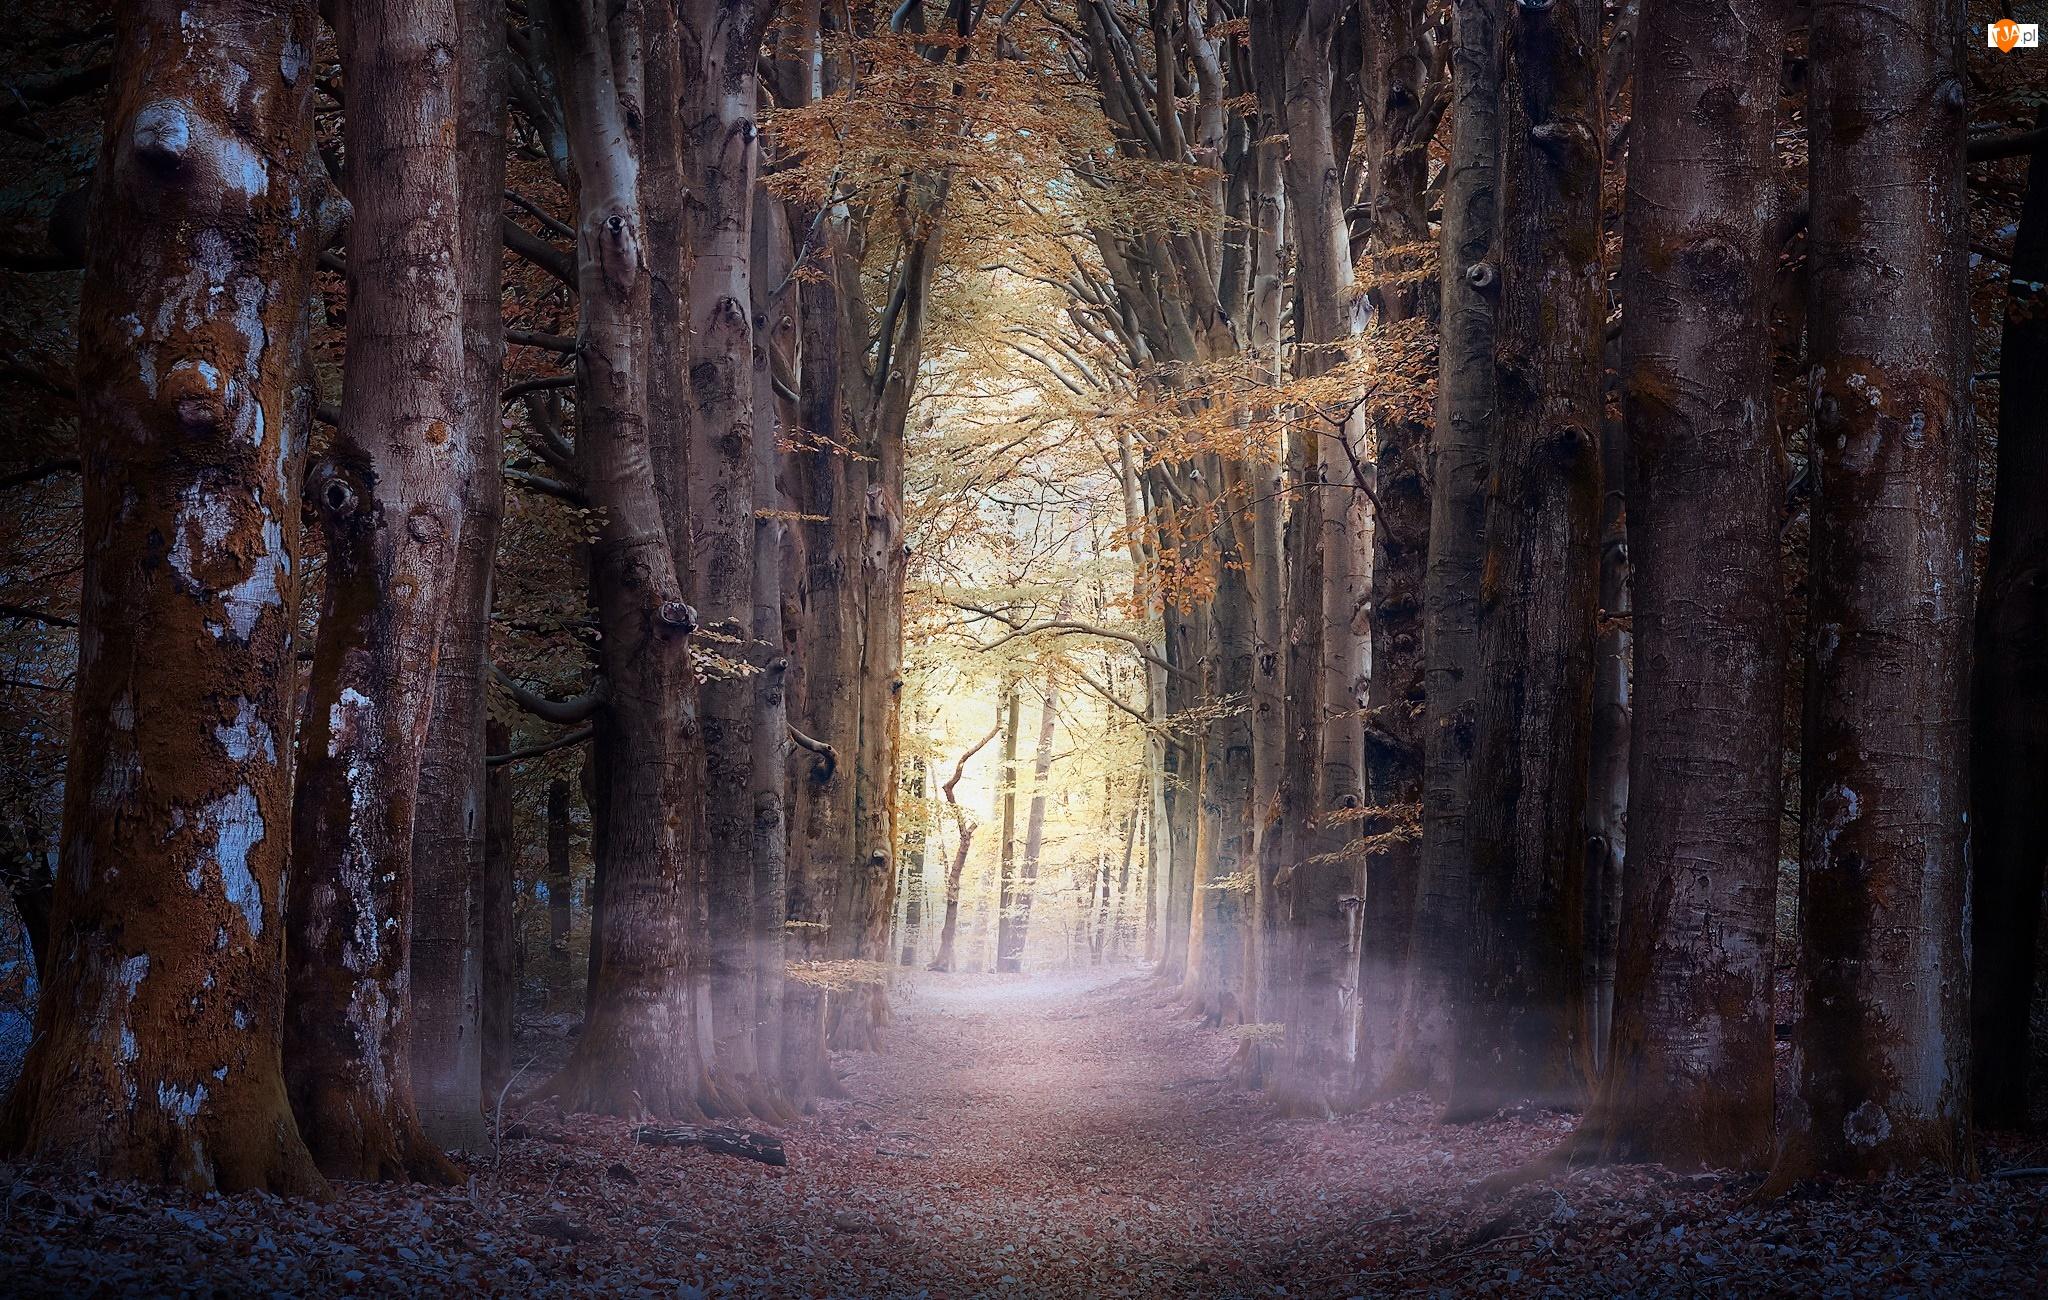 Las, Mgła, Drzewa, Wysokie, Droga